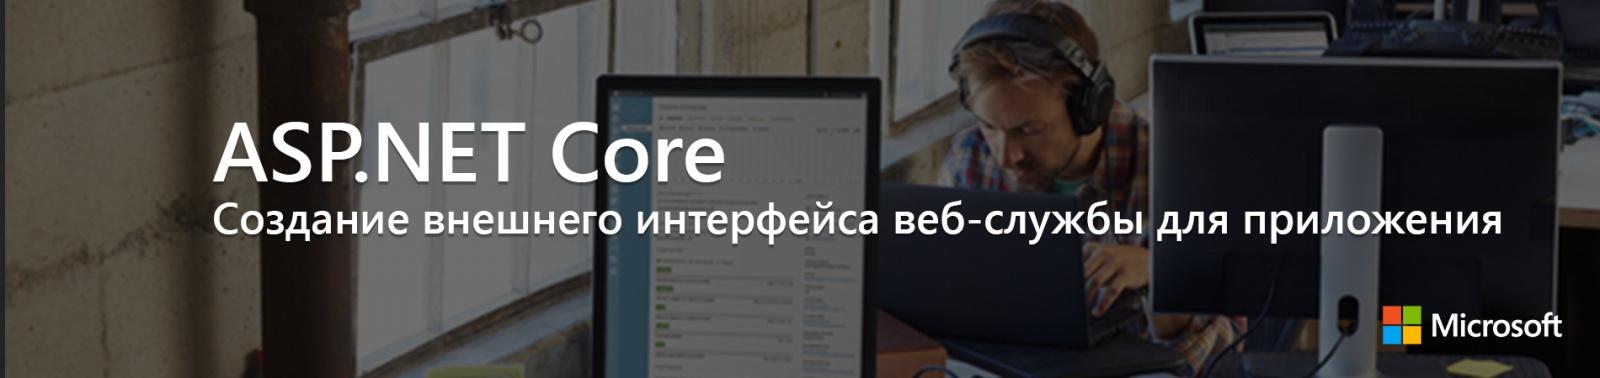 ASP.NET Core: Создание внешнего интерфейса веб-службы для приложения - 1